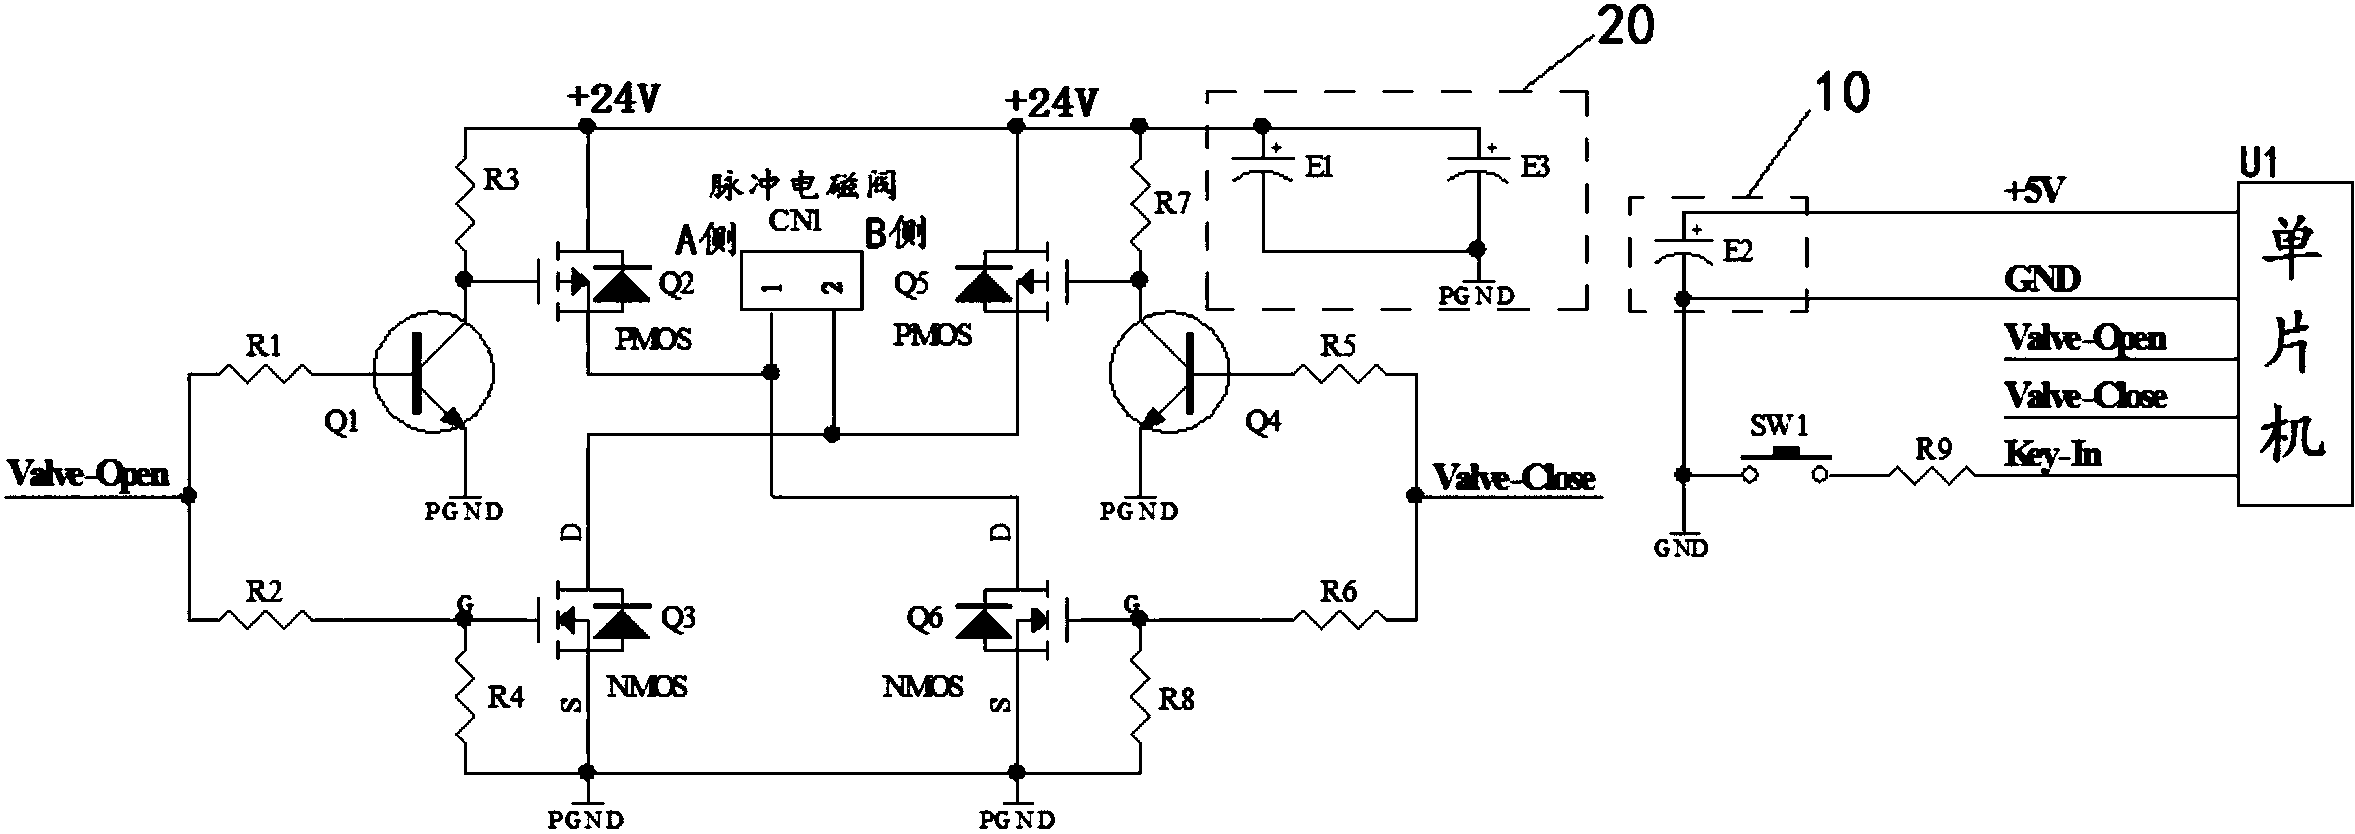 1970-01-01 发明名称 一种脉冲电磁阀驱动电路 发明人 刘双春;王志勇